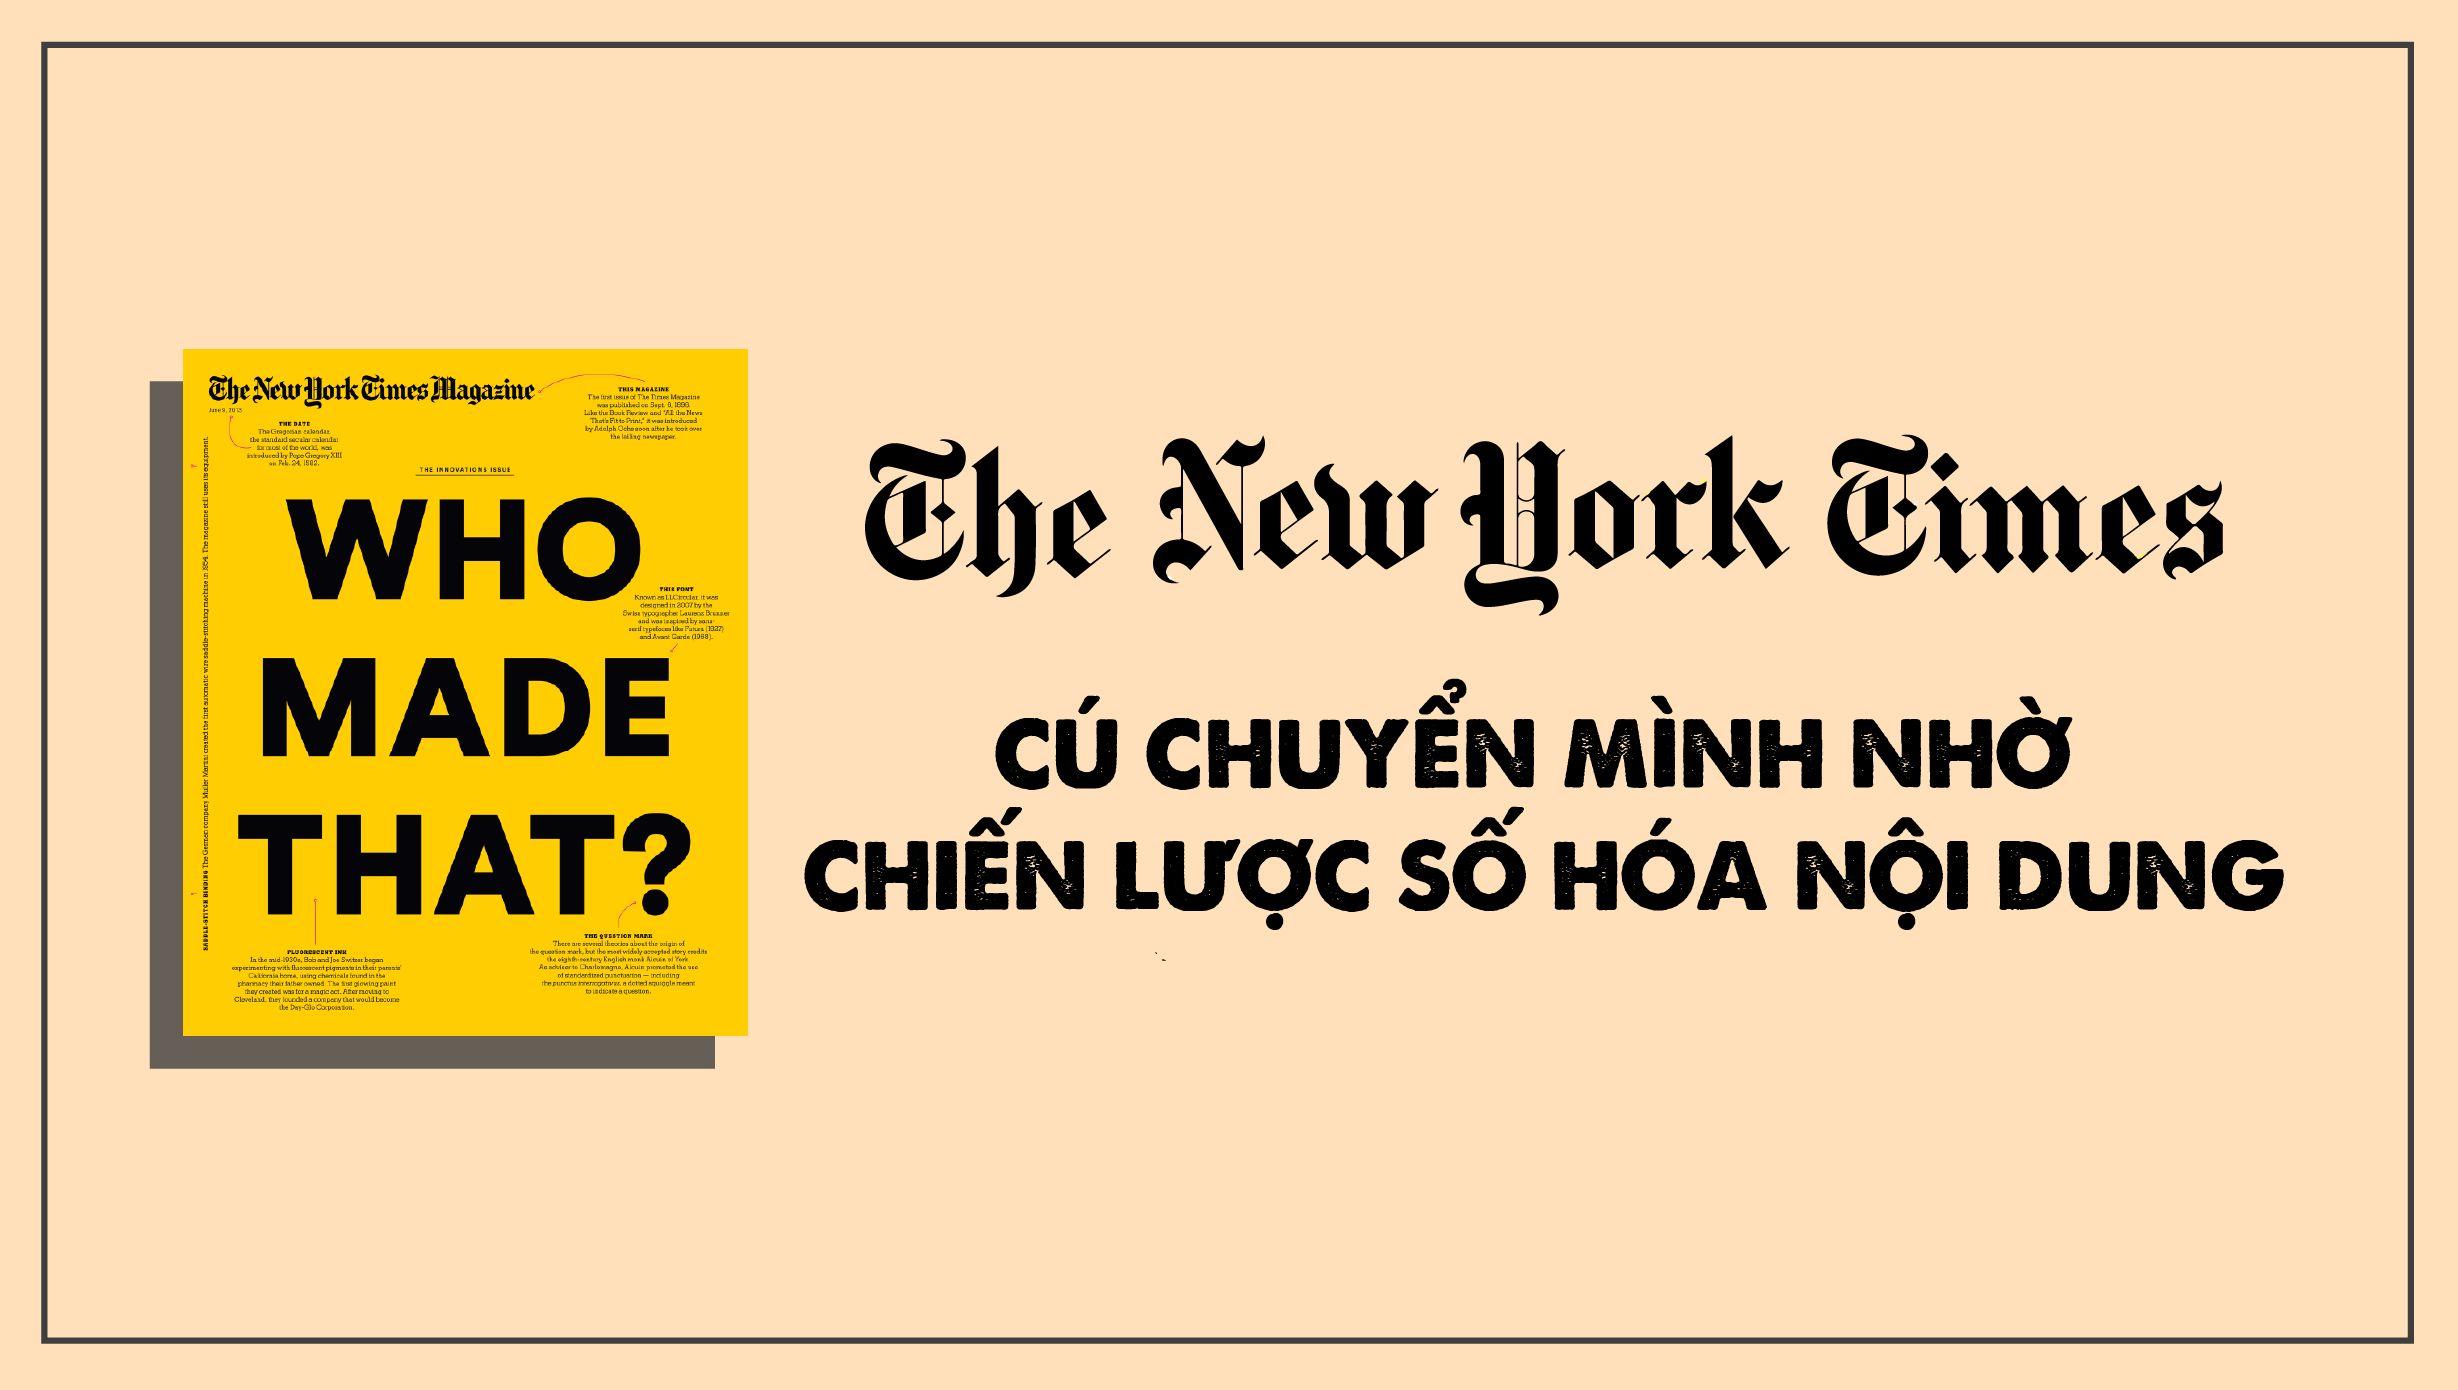 The New York Times và cú chuyển mình nhờ chiến lược số hóa nội dung